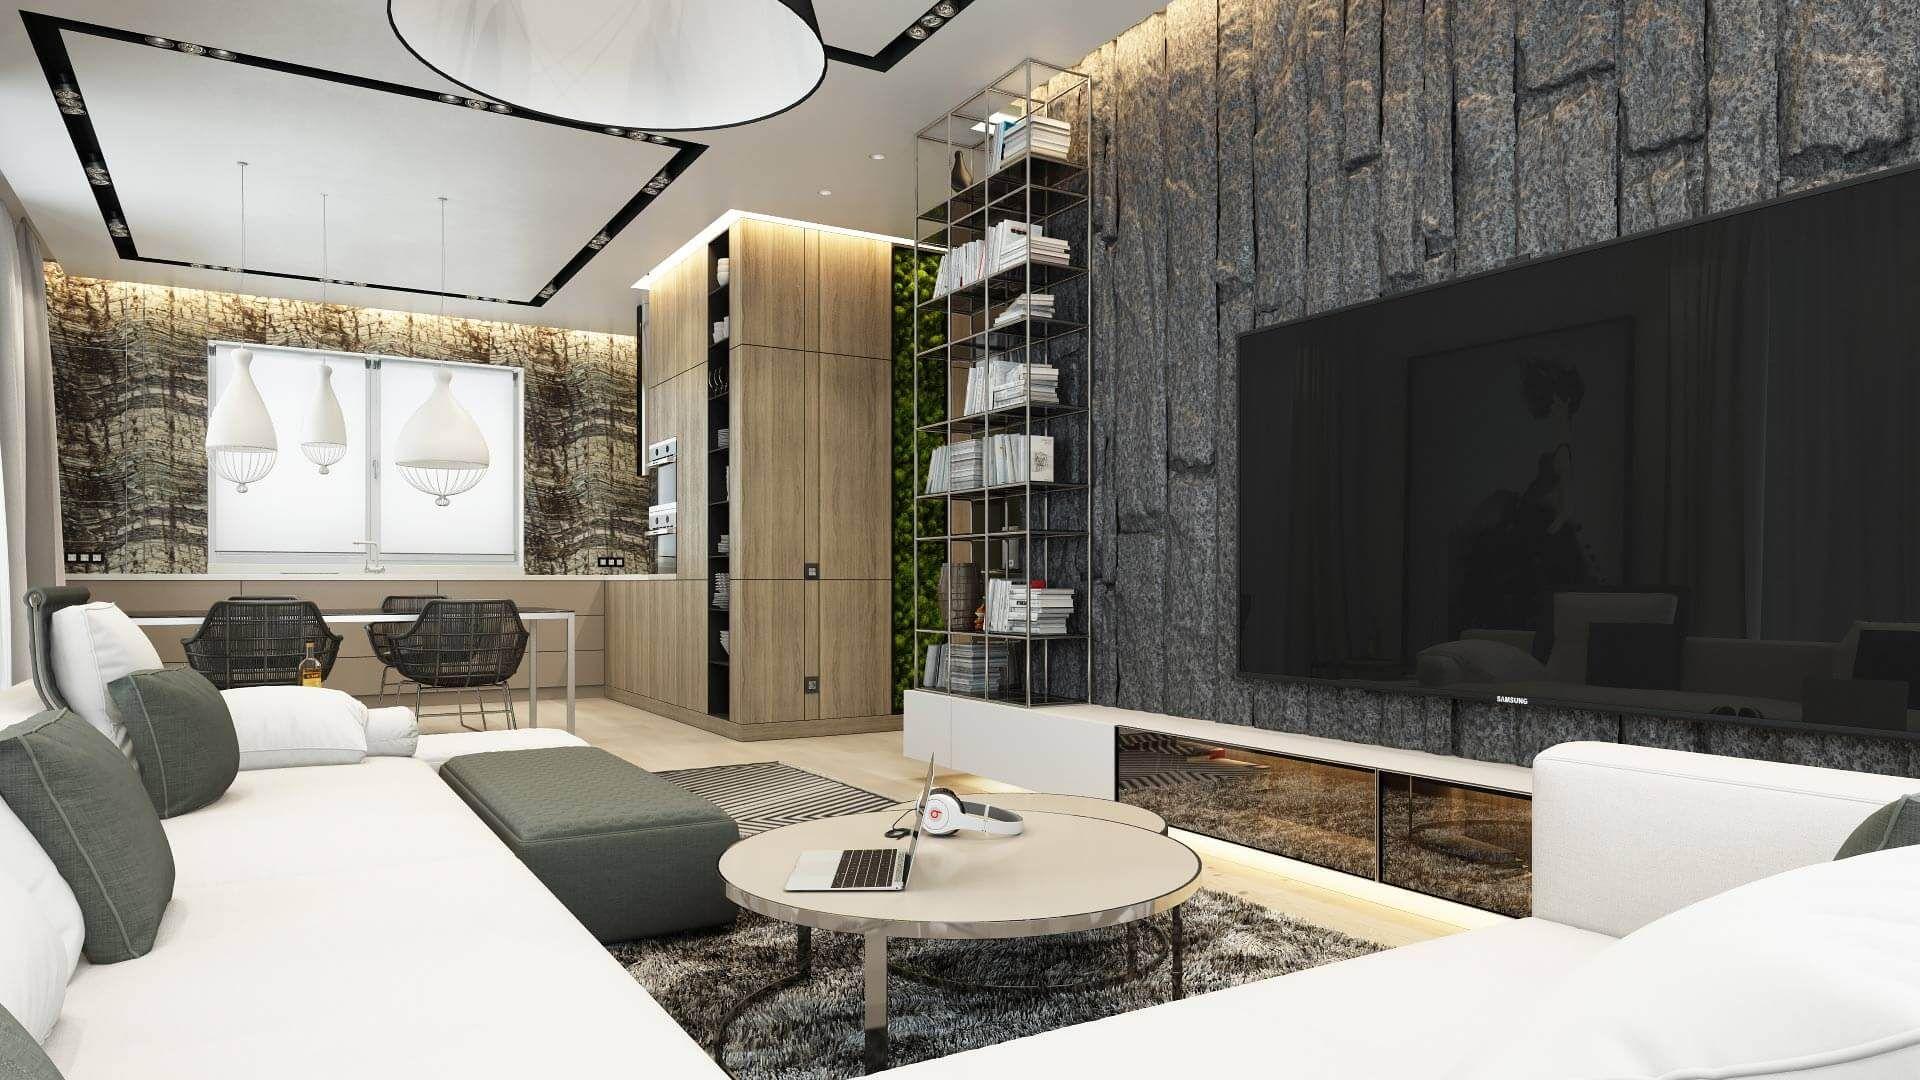 гостиная в стиле хай тек декор фото